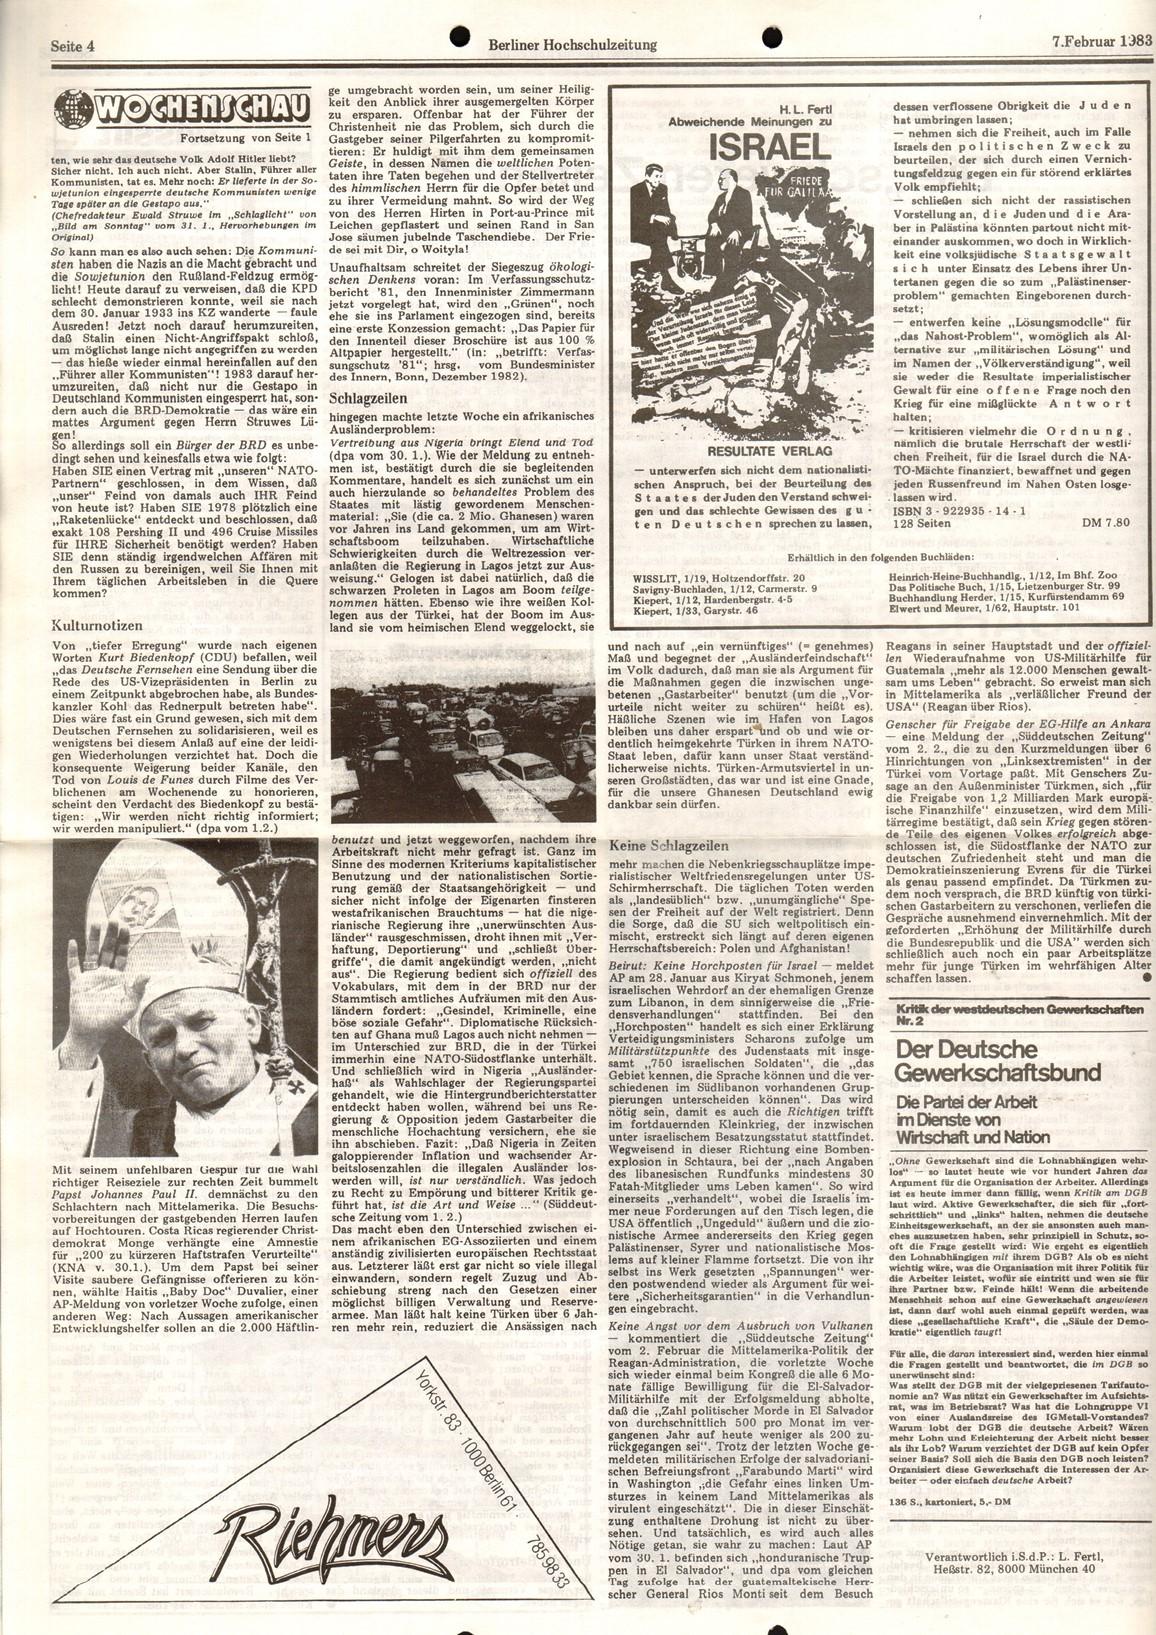 Berlin_MG_Hochschulzeitung_19830207_04